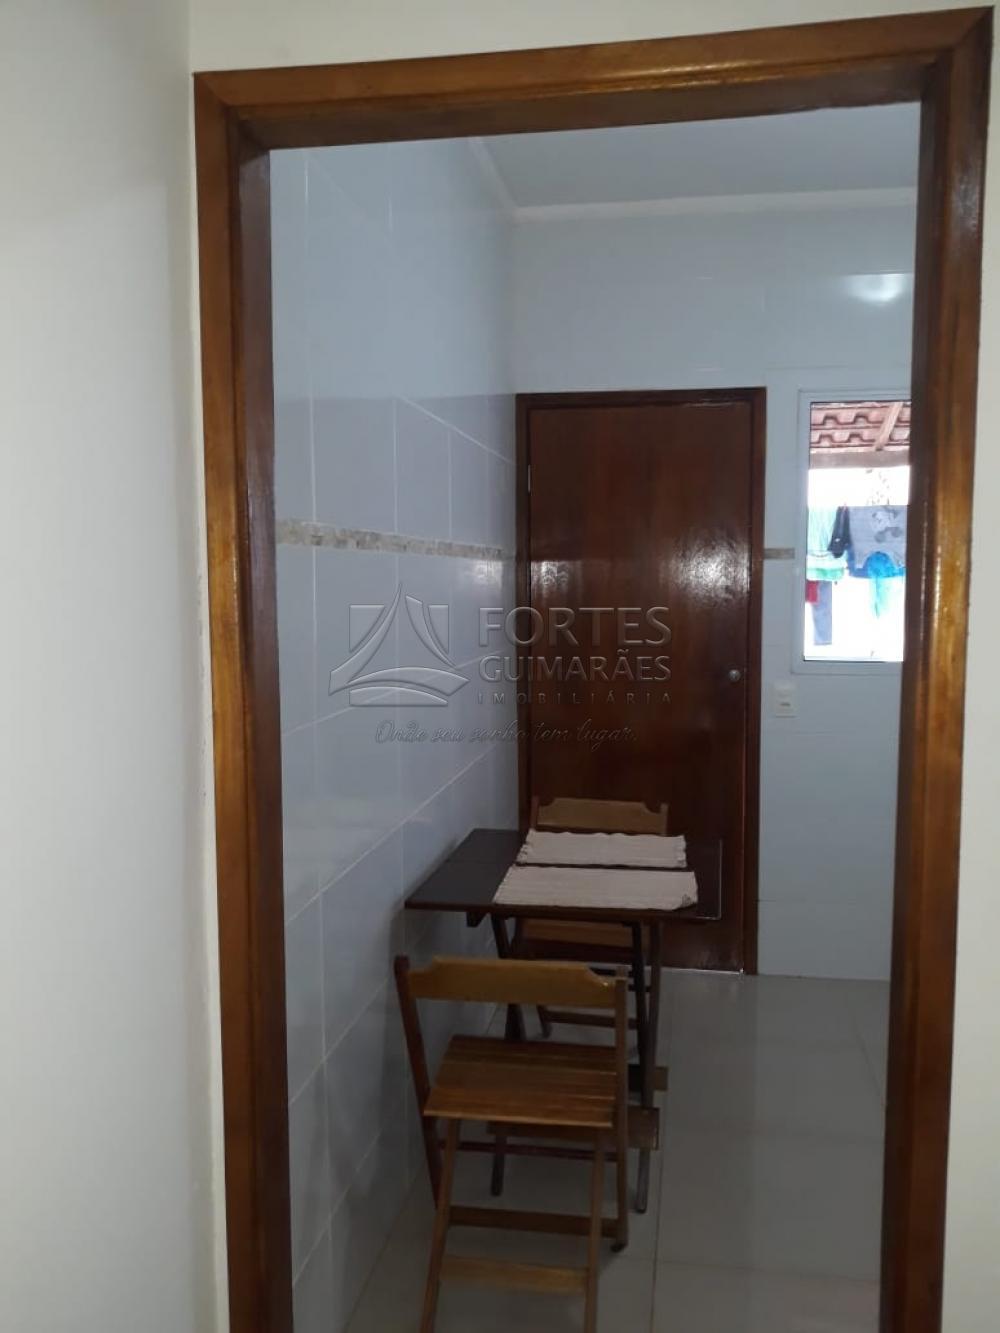 Alugar Casas / Padrão em Ribeirão Preto apenas R$ 1.200,00 - Foto 34